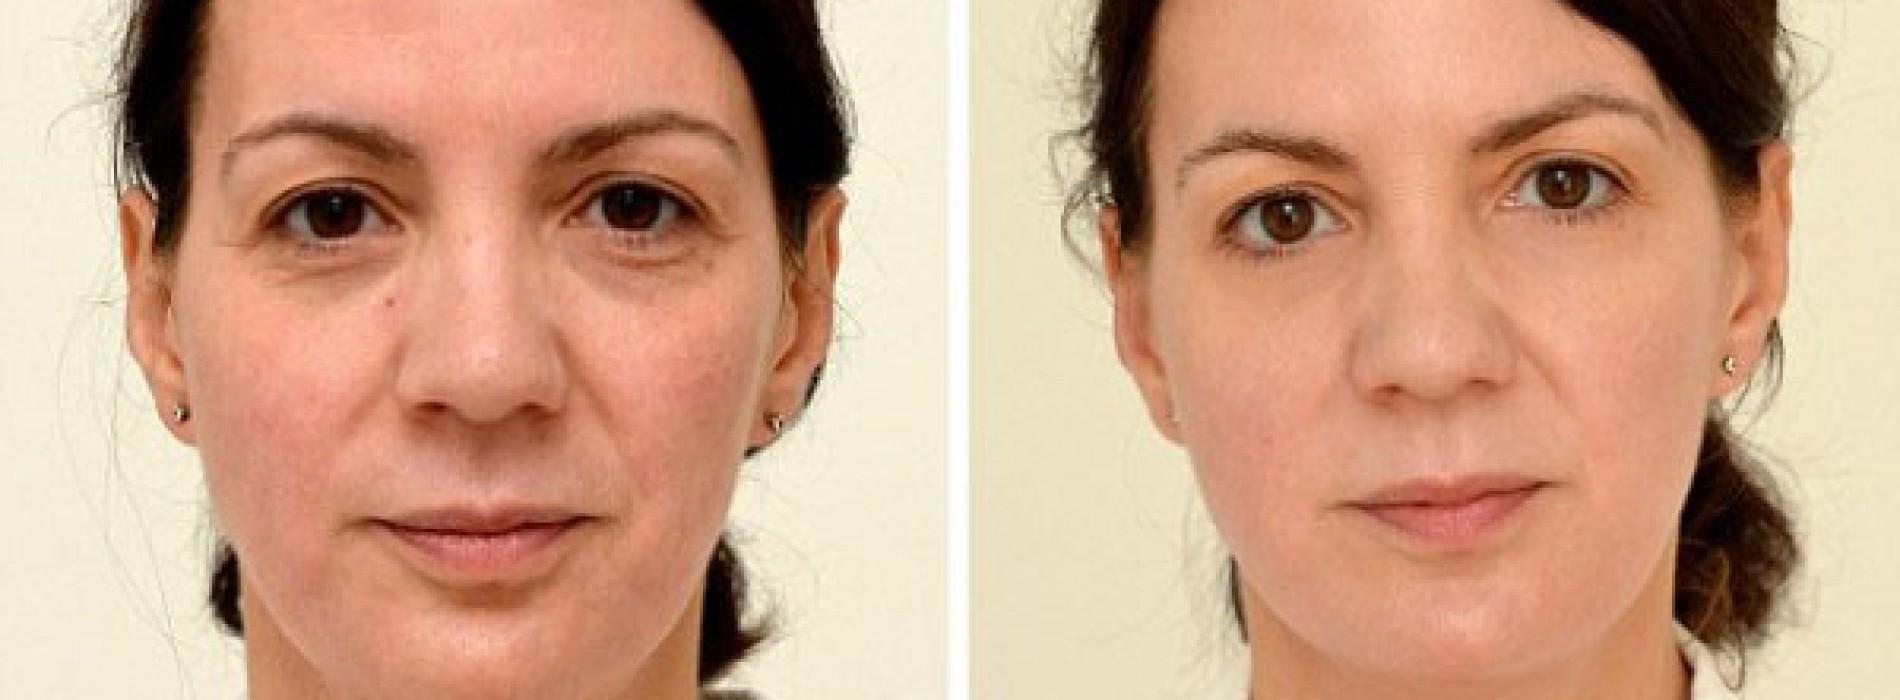 Deze vrouw drinkt 4 weken lang 3 liter water per dag. Het resultaat is waanzinnig!